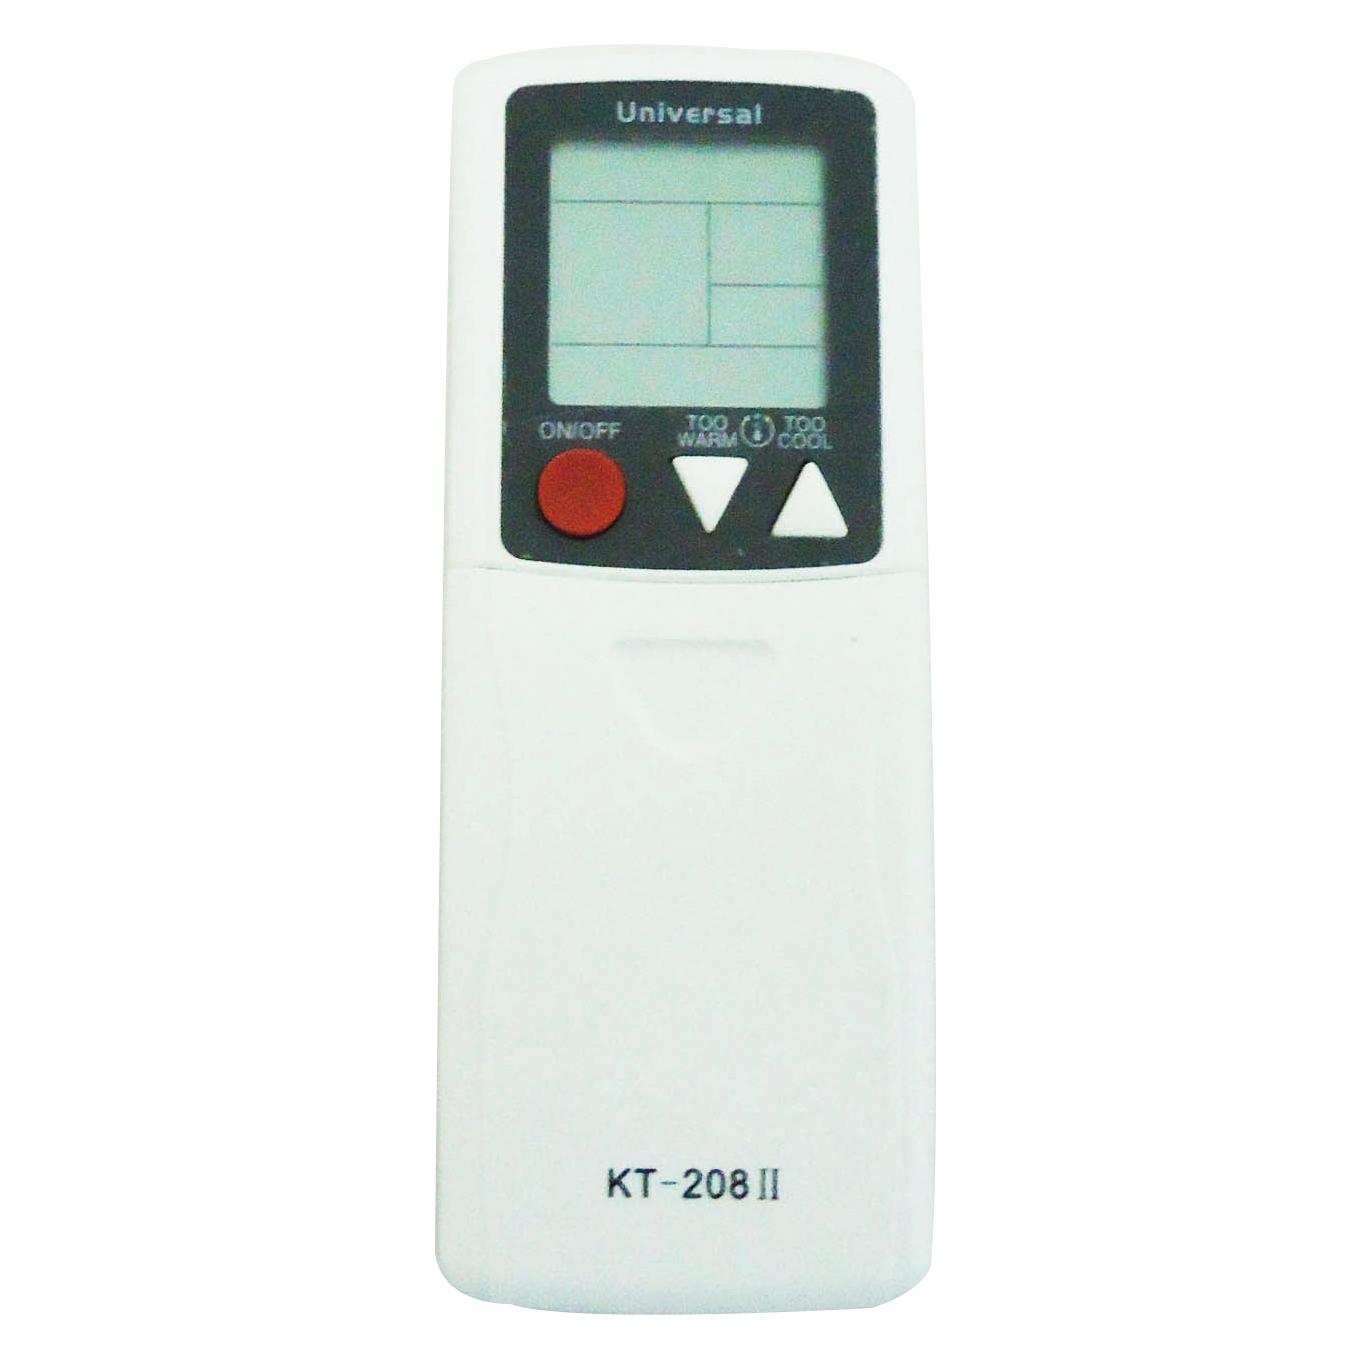 KT208 Τηλεχειριστήρια Κλιματιστικών Air Condition κλιματισμός    ανταλλακτικά   εξαρτήματα κλιματιστικών a c  προσφορές   κλιματισ